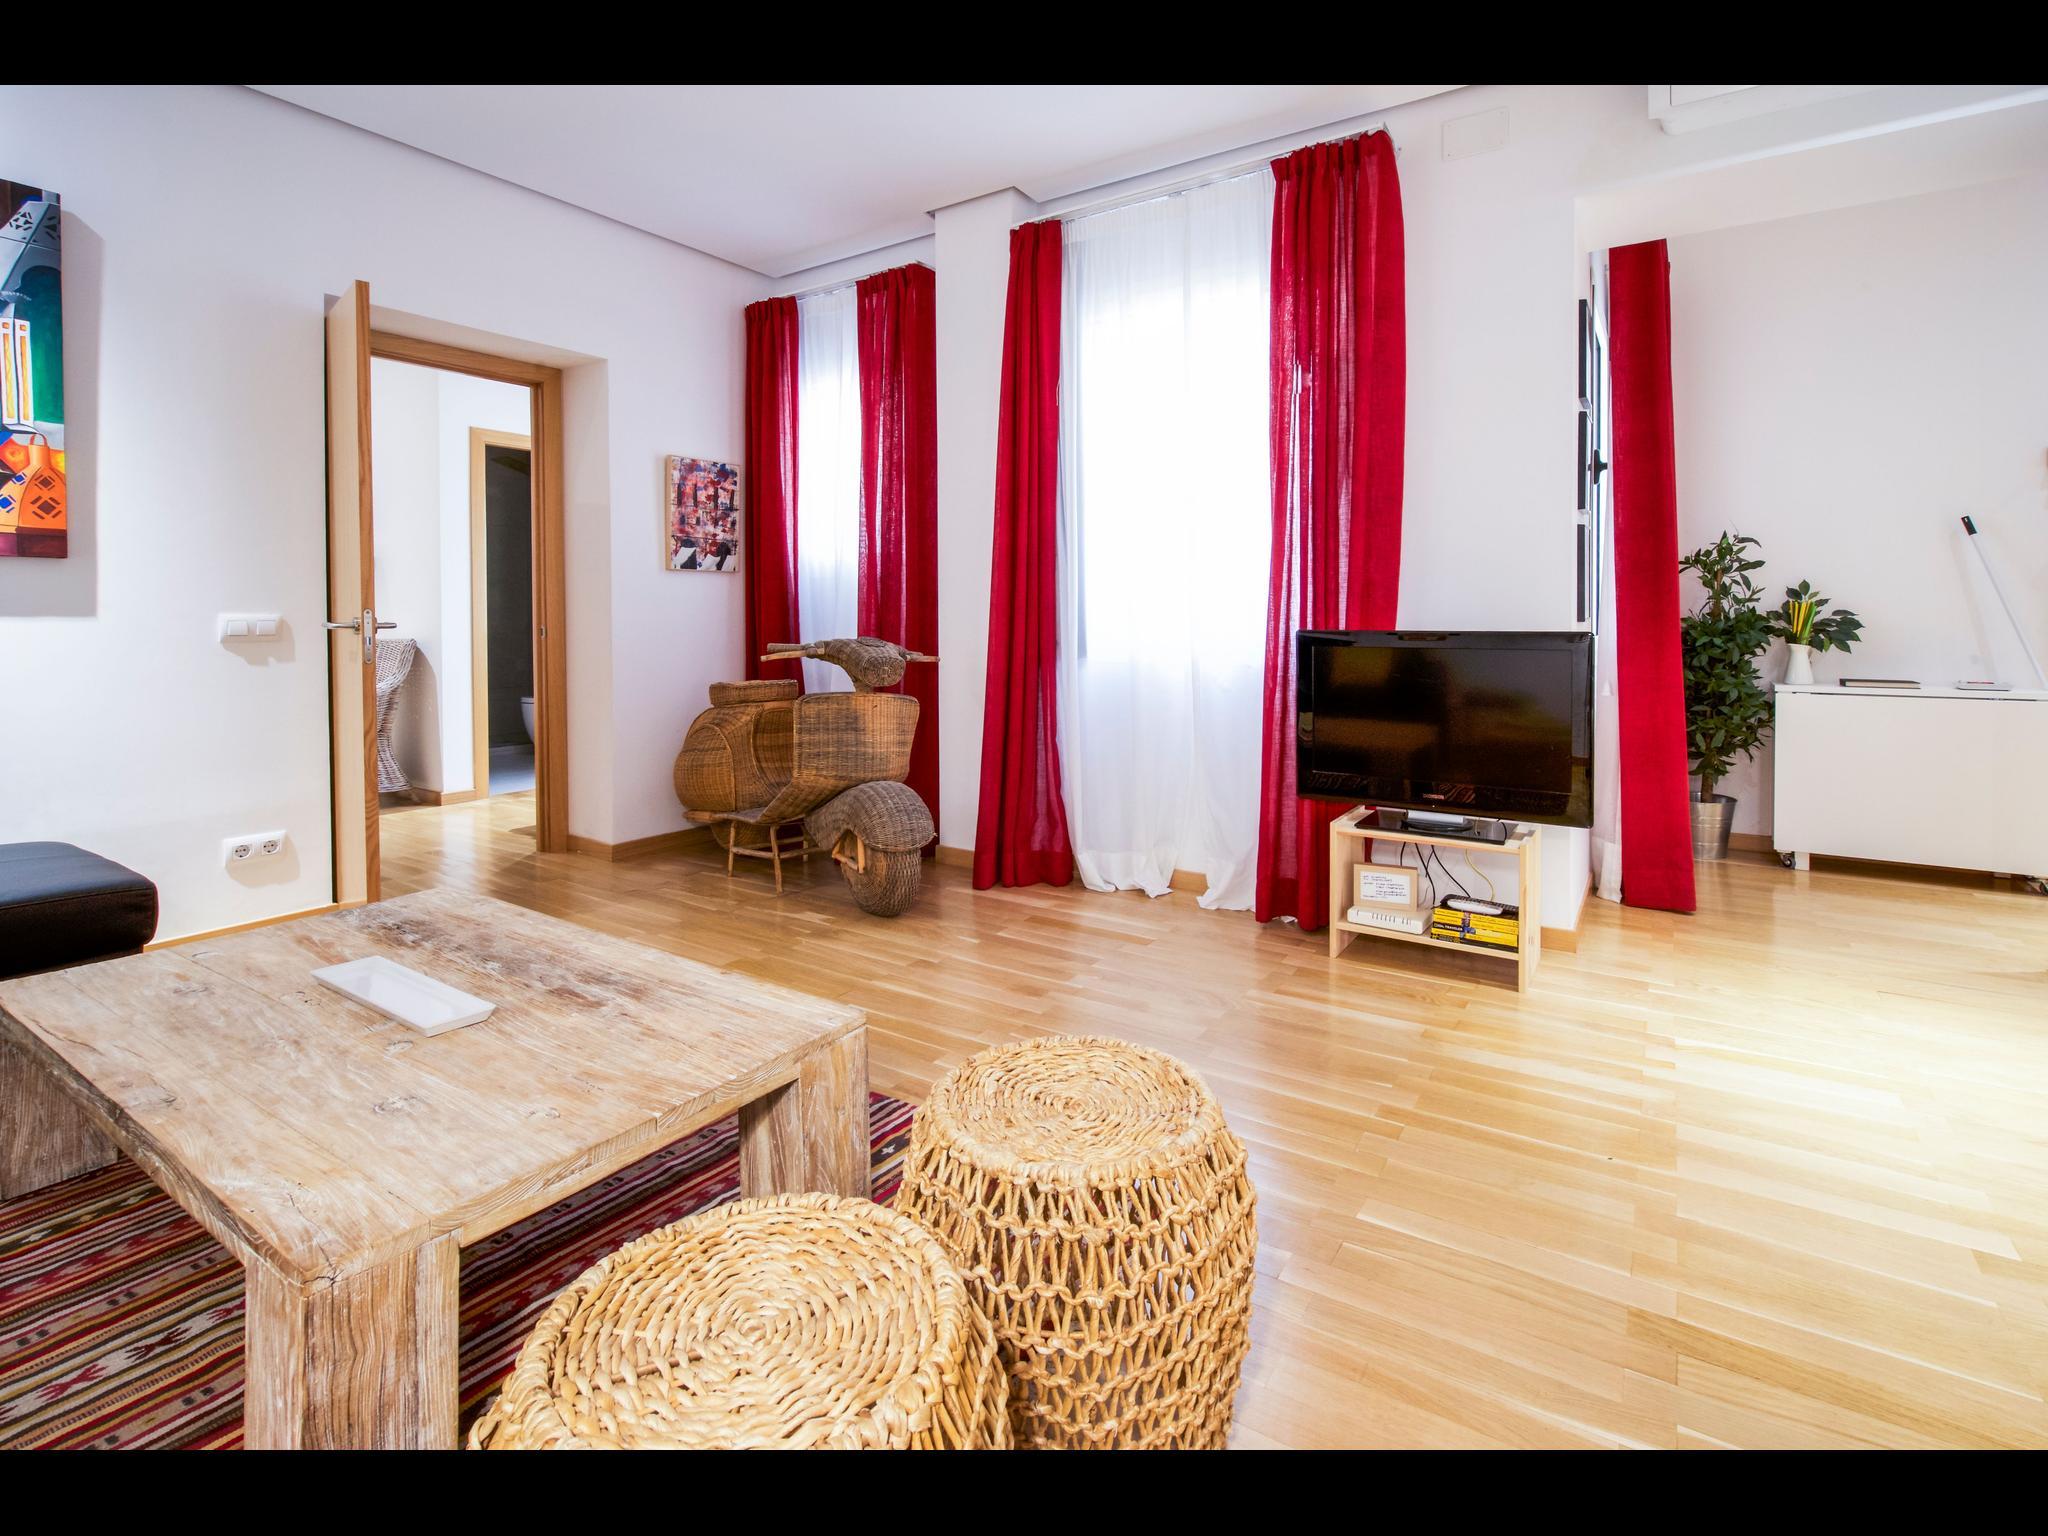 Spacious 2 bedroom luxury flat in Madrid